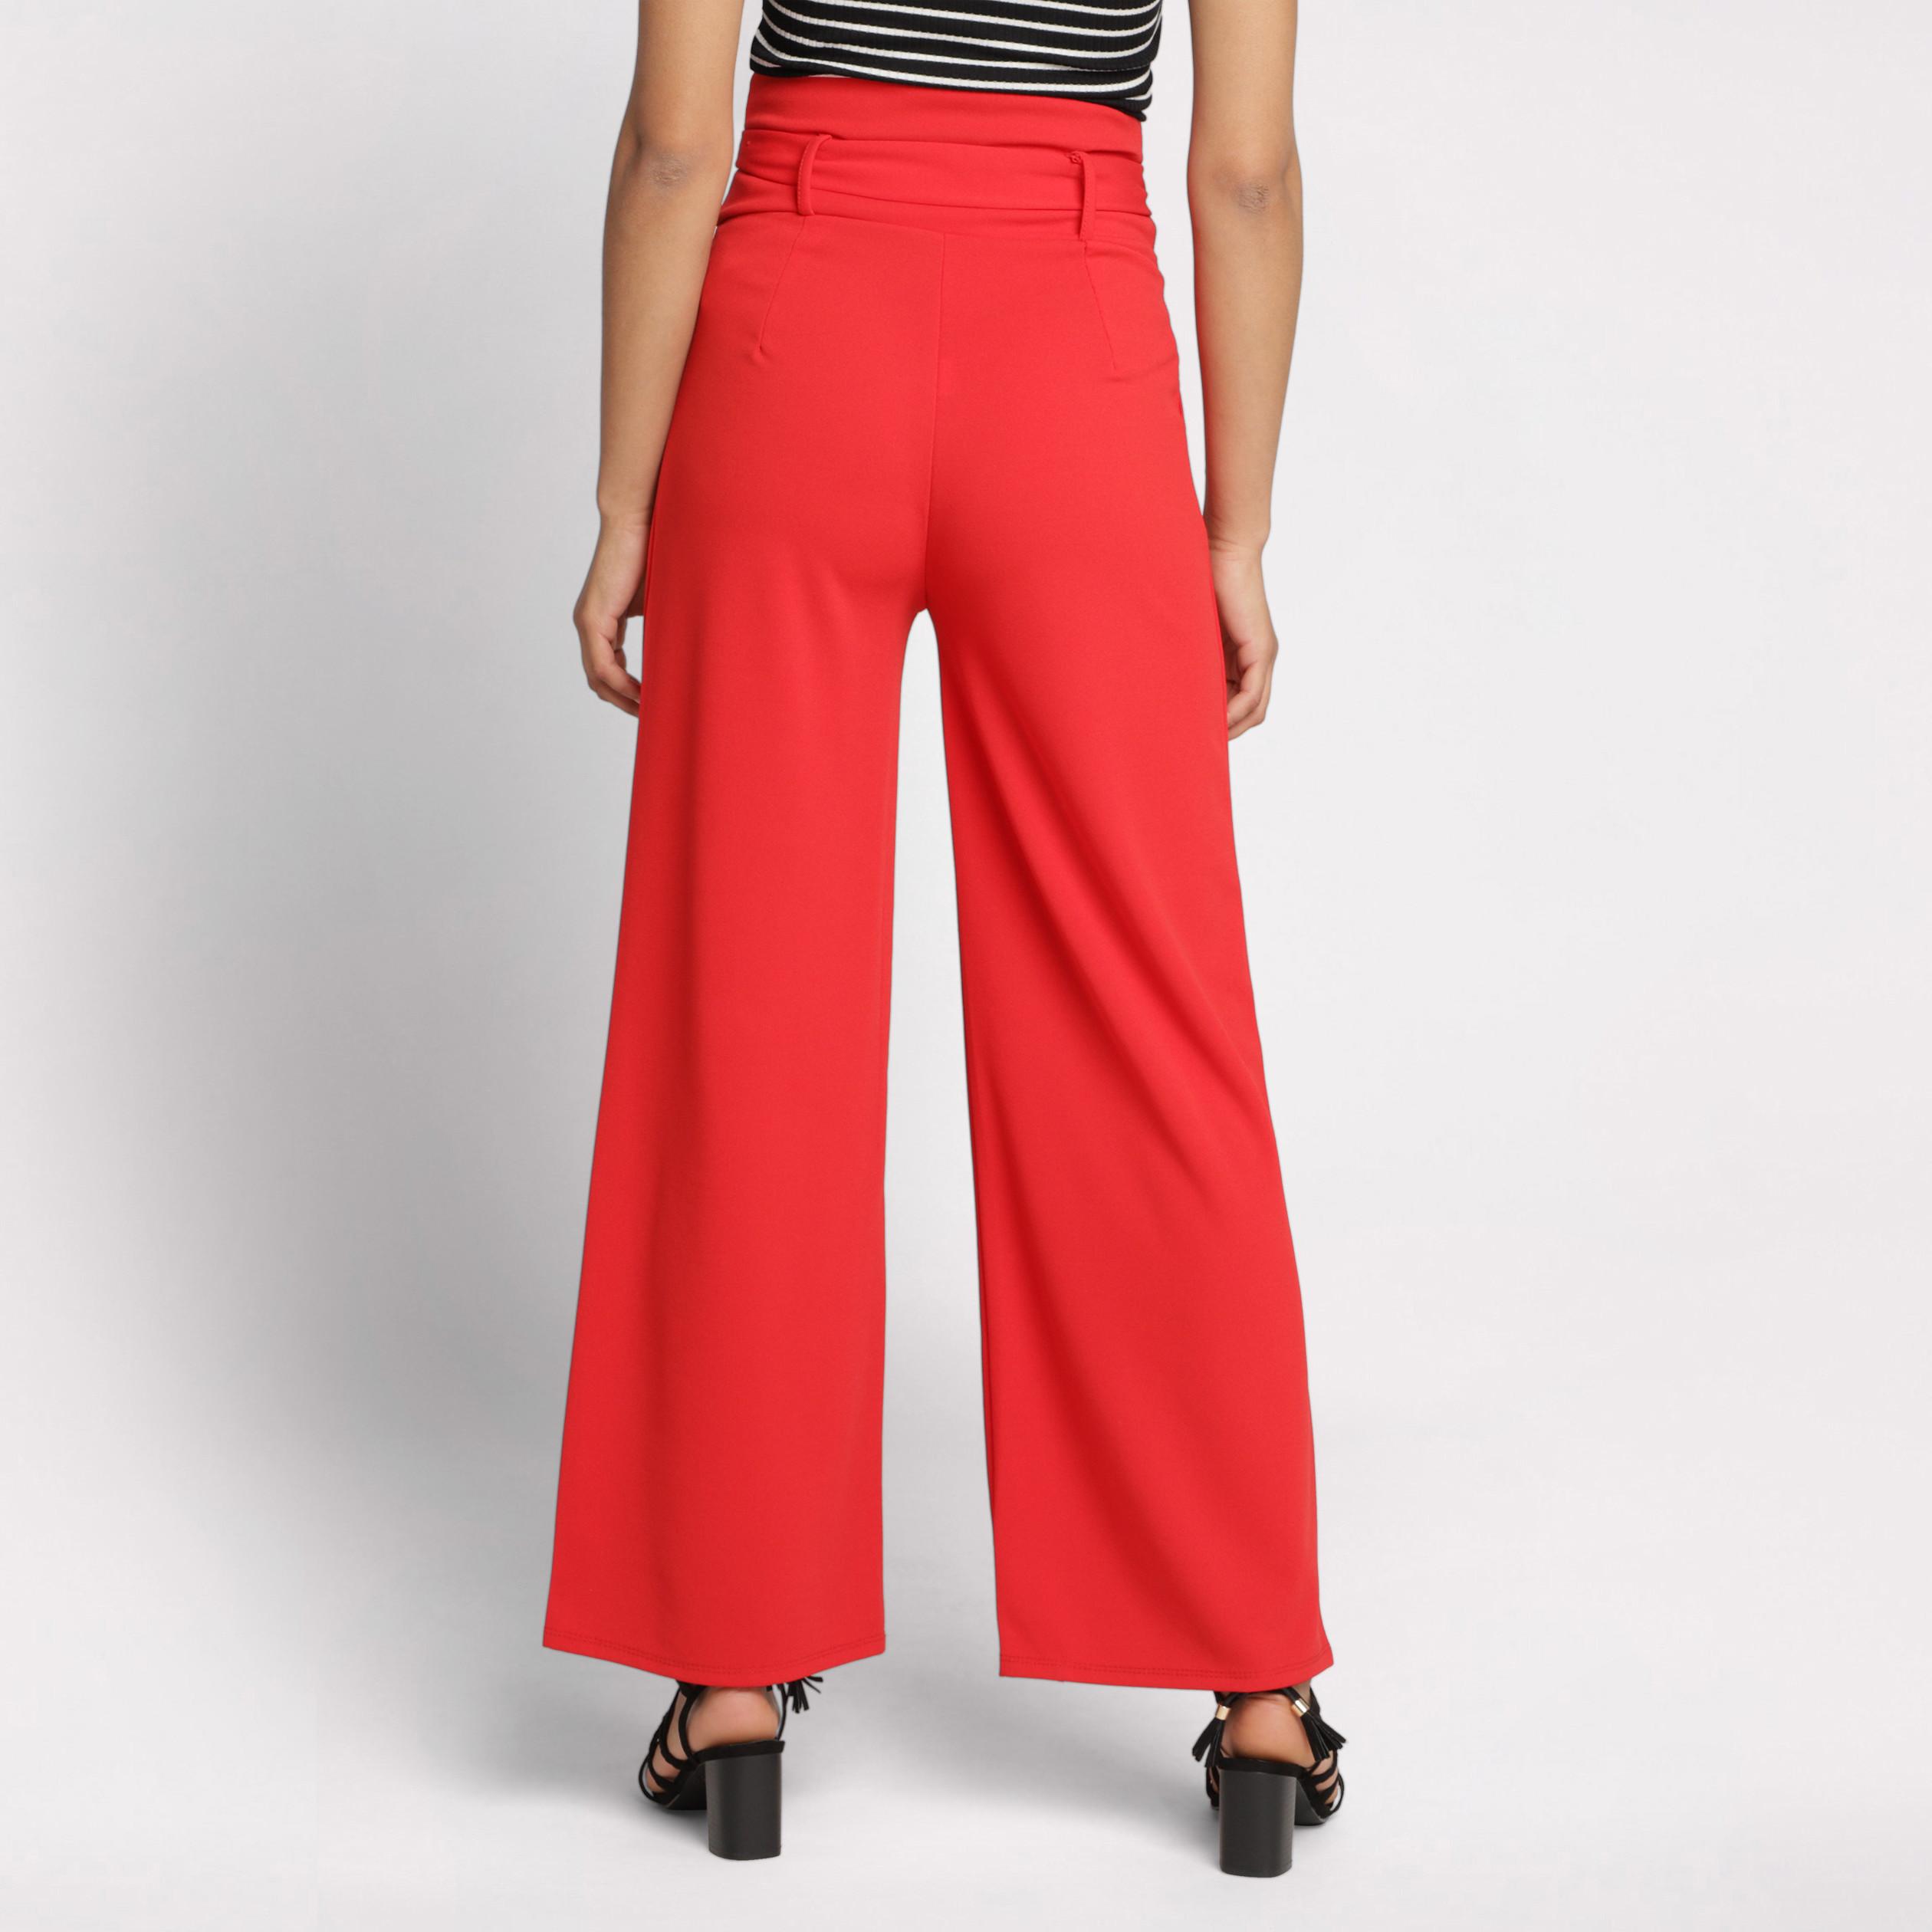 Rouge Large Haute Taille Femme Pantalon dQrCoWEBxe